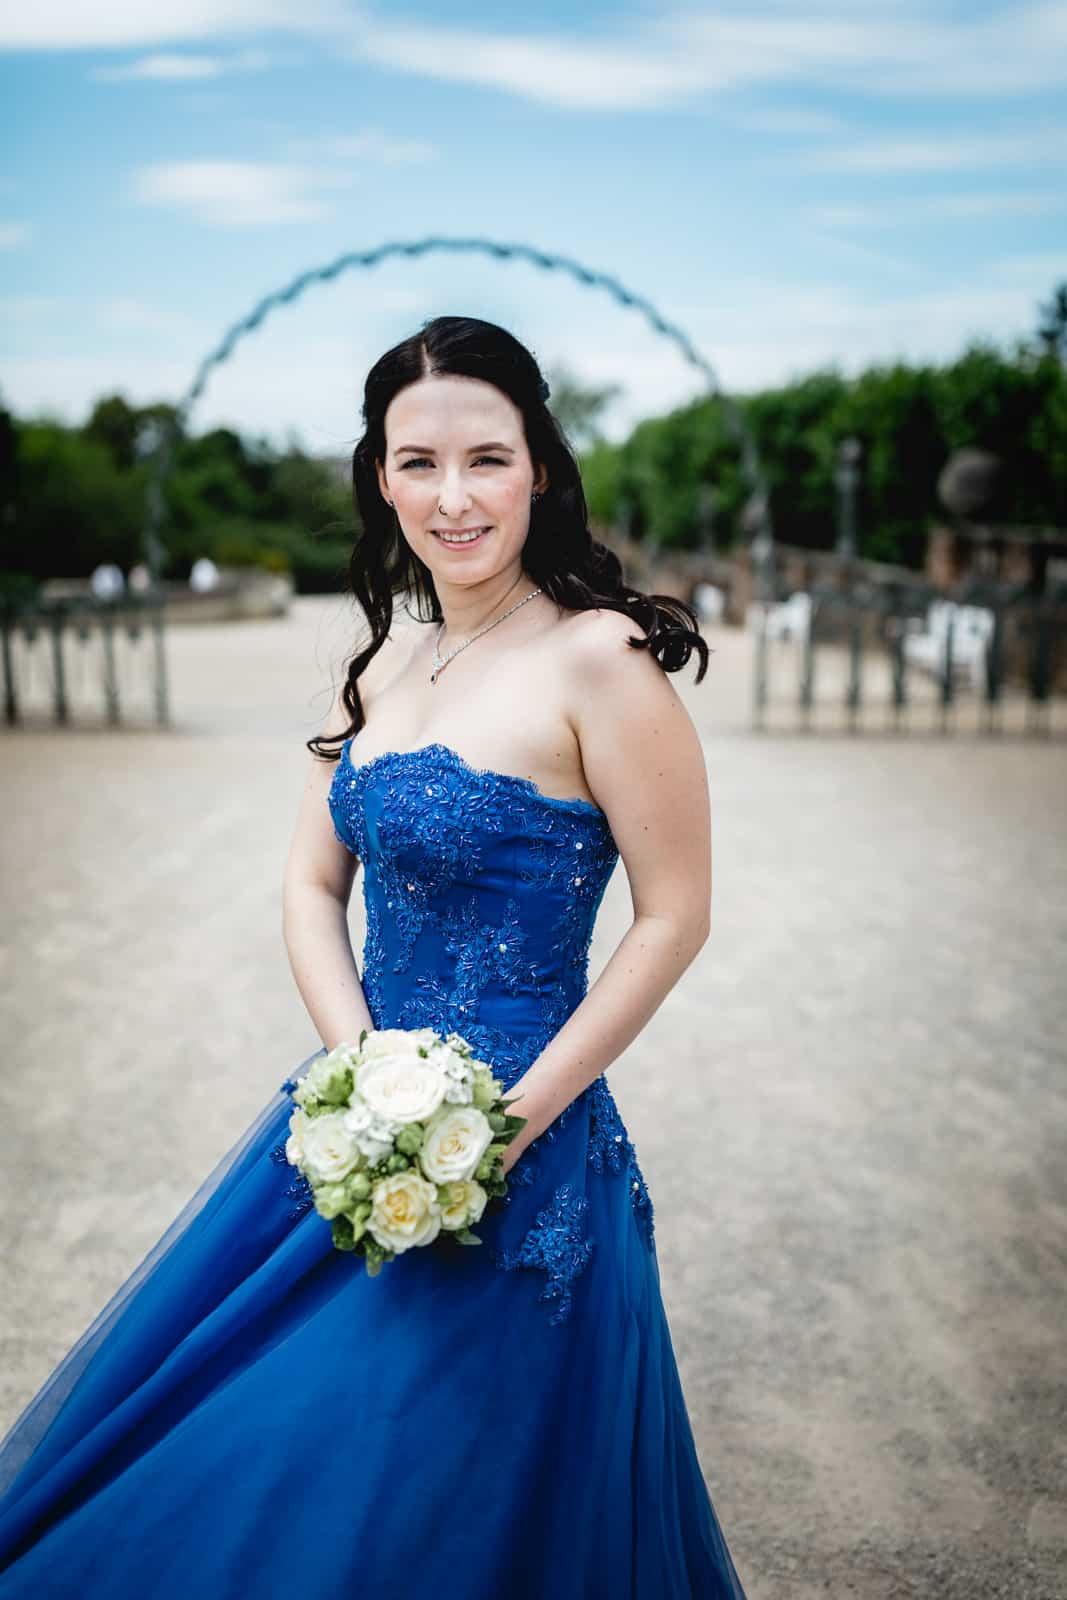 Braut im blauen Brautkleid auf der Mathildenhöhe Darmstadt